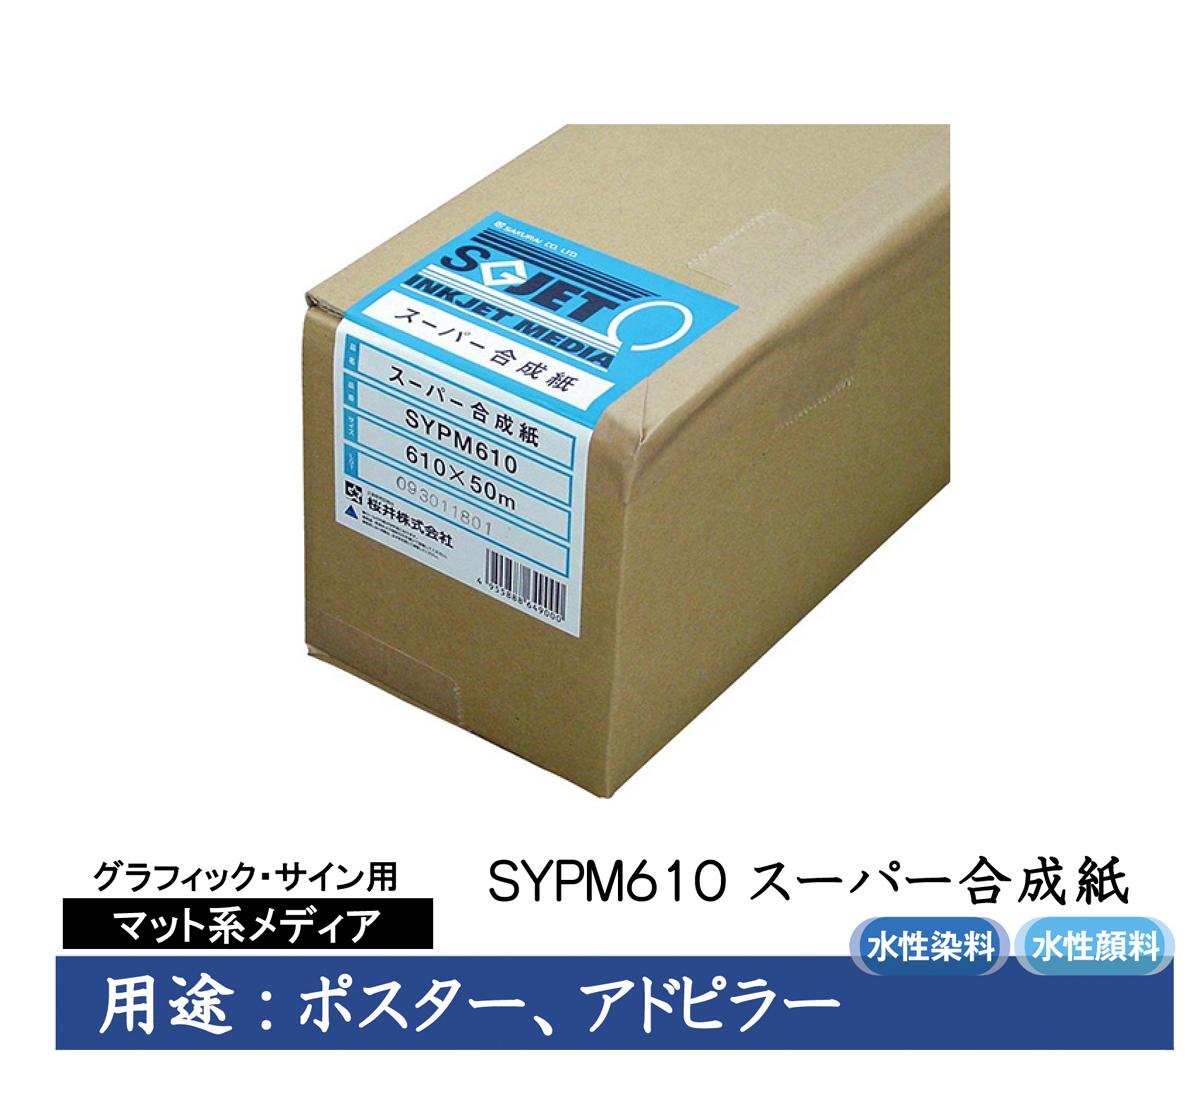 桜井 グラフィック・サイン用インクジェット用紙 スーパー合成紙 610mm×50m 2インチ 1本入 SYPM610